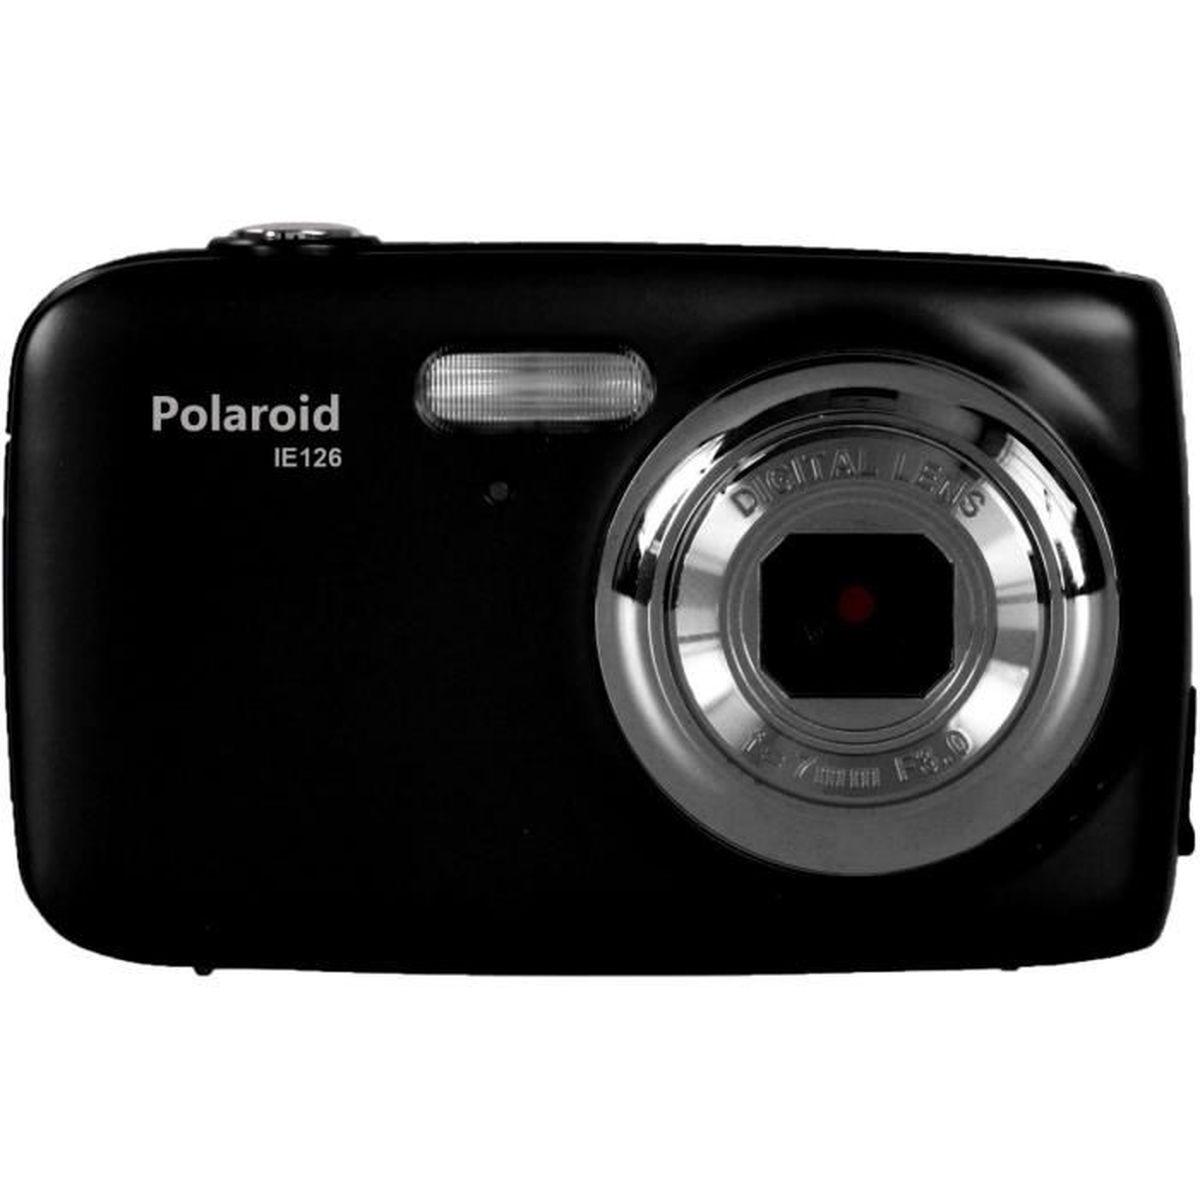 appareil photo num rique vivitar ie126 noir achat vente appareil photo compact cdiscount. Black Bedroom Furniture Sets. Home Design Ideas